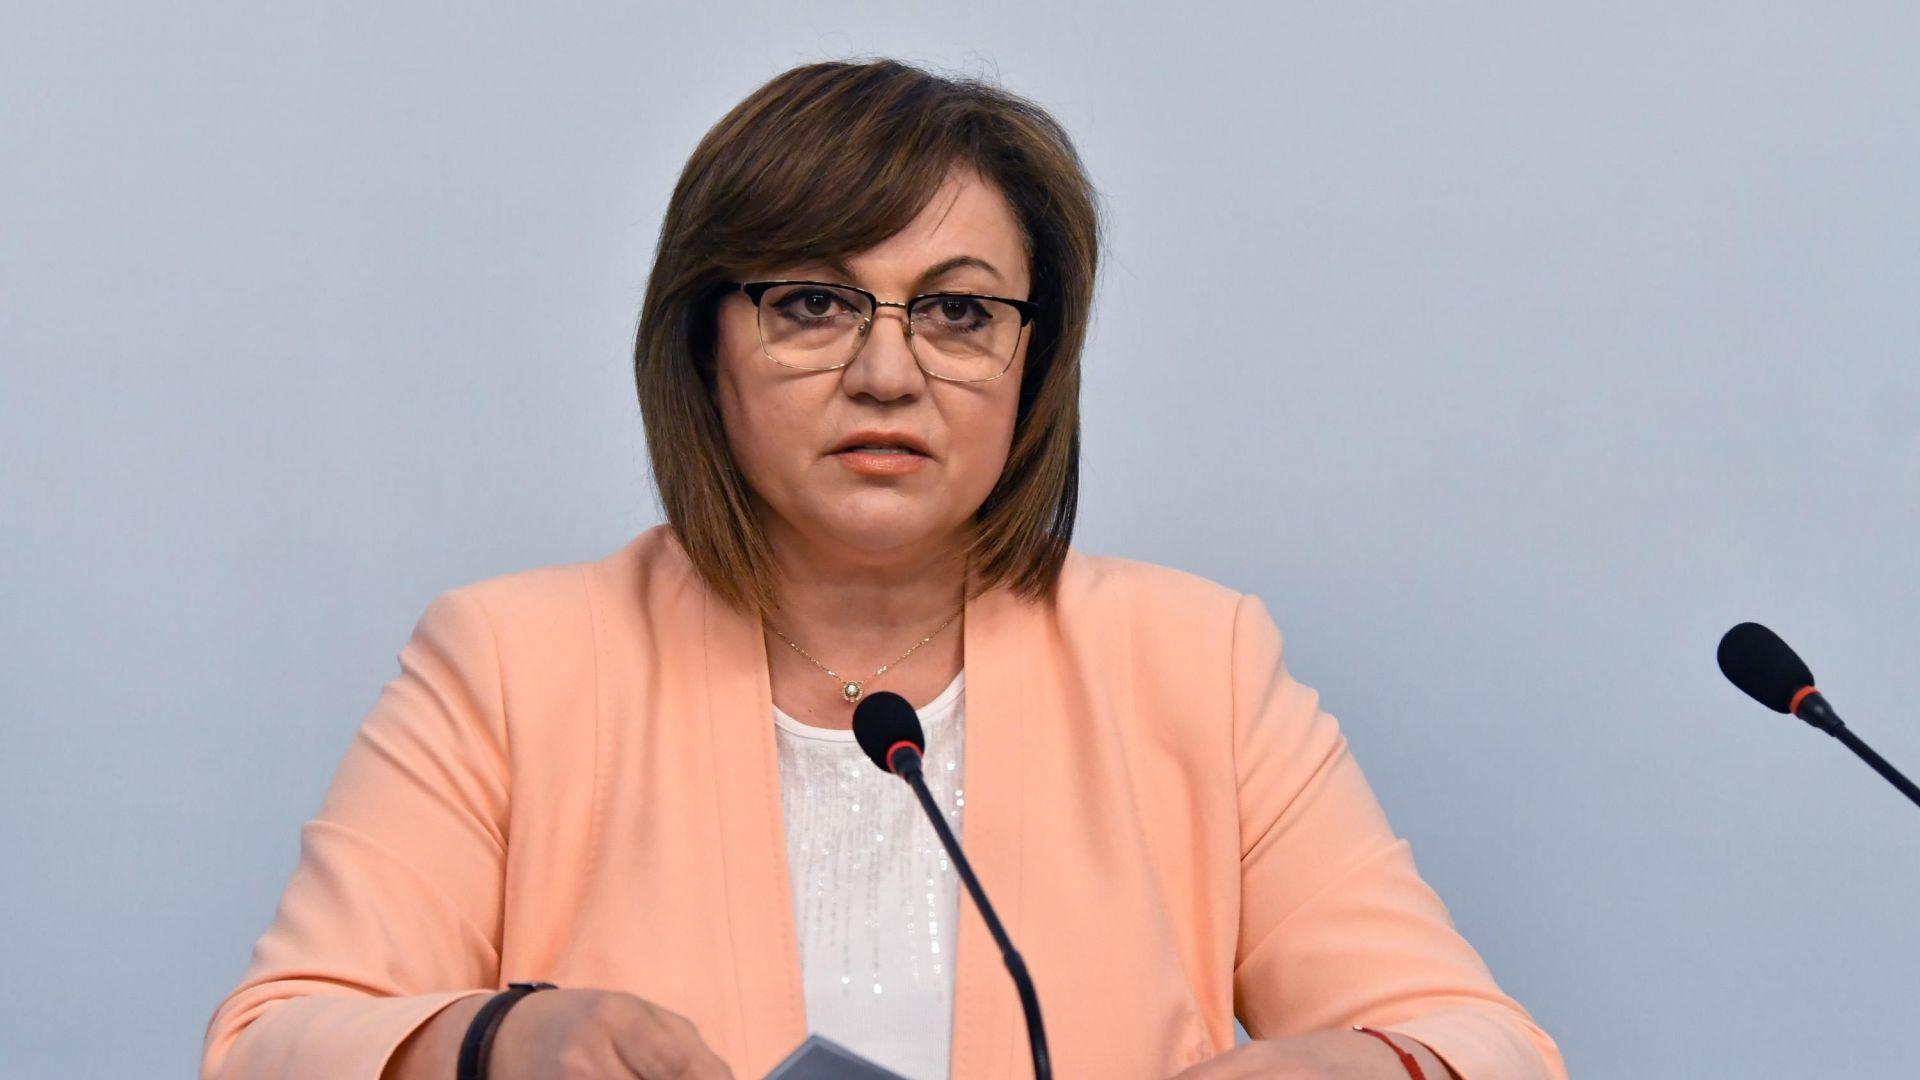 Нинова за проф. Кантарджиев: Хора с доказани професионални качества не трябва да се сменят